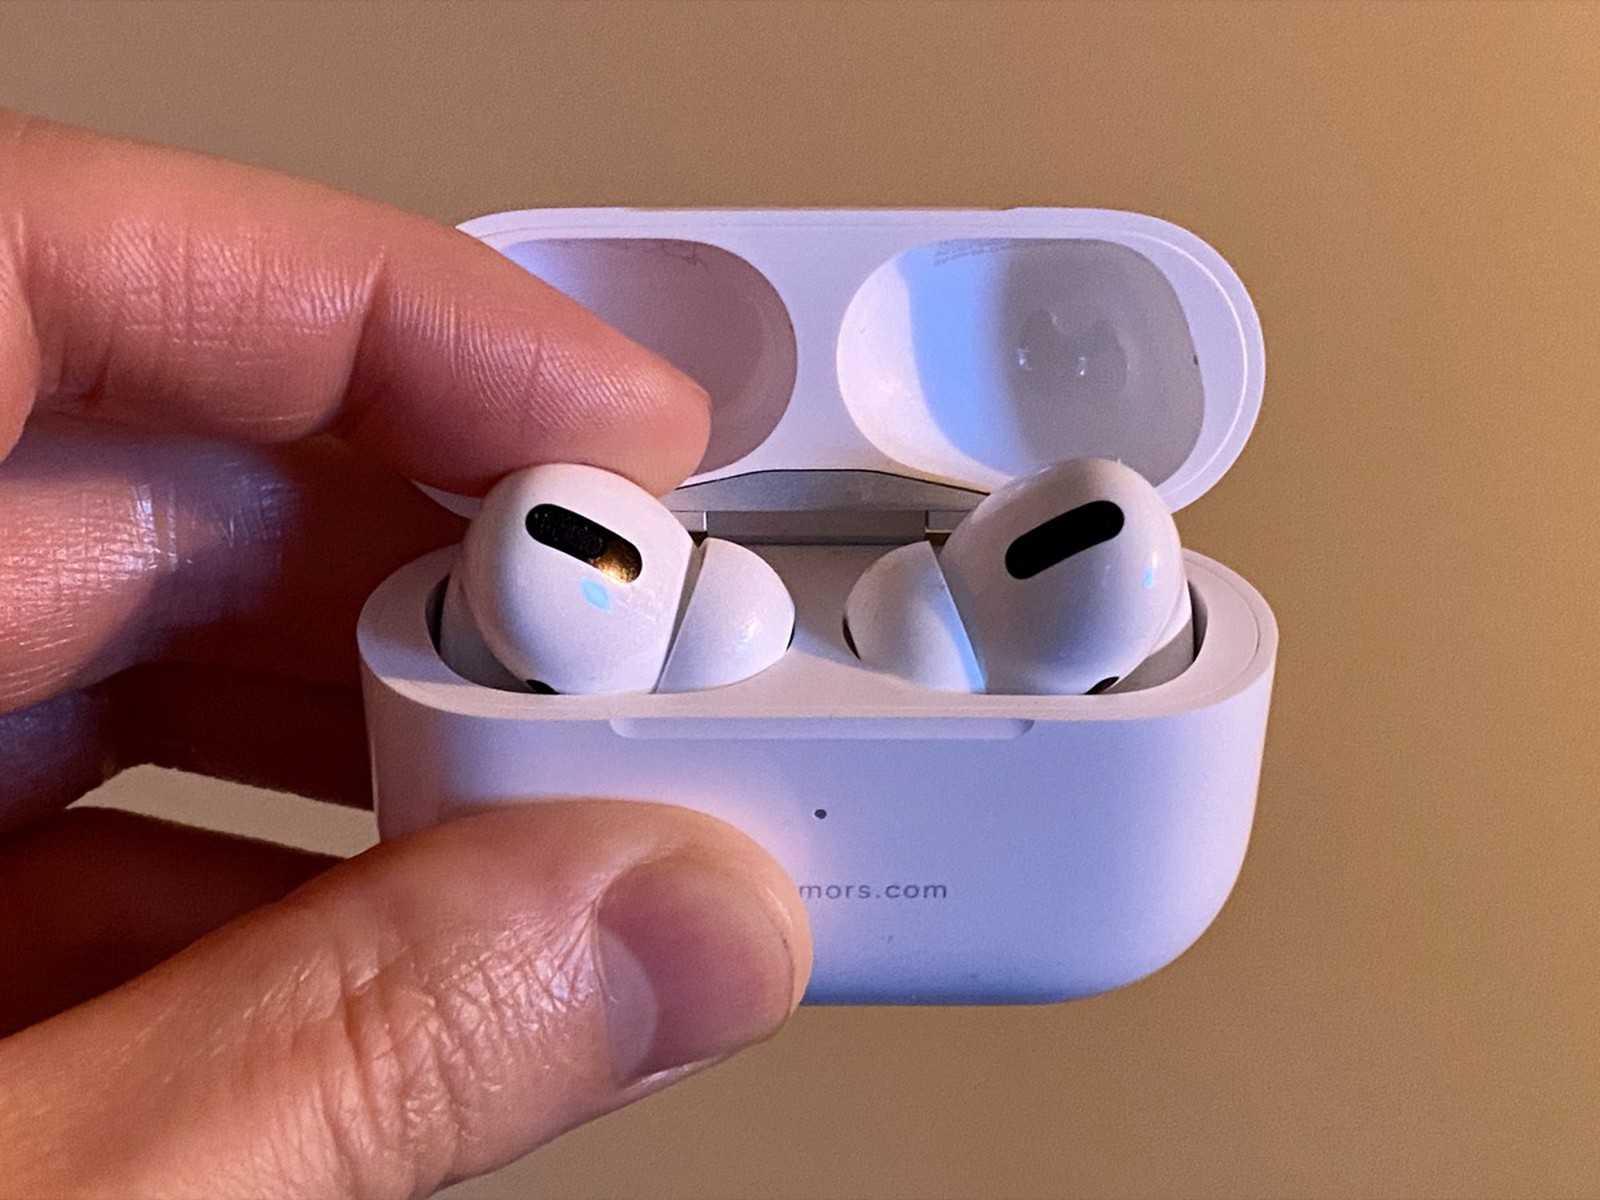 Если airpods 3 будут такими, как говорят, зачем нужны airpods pro?